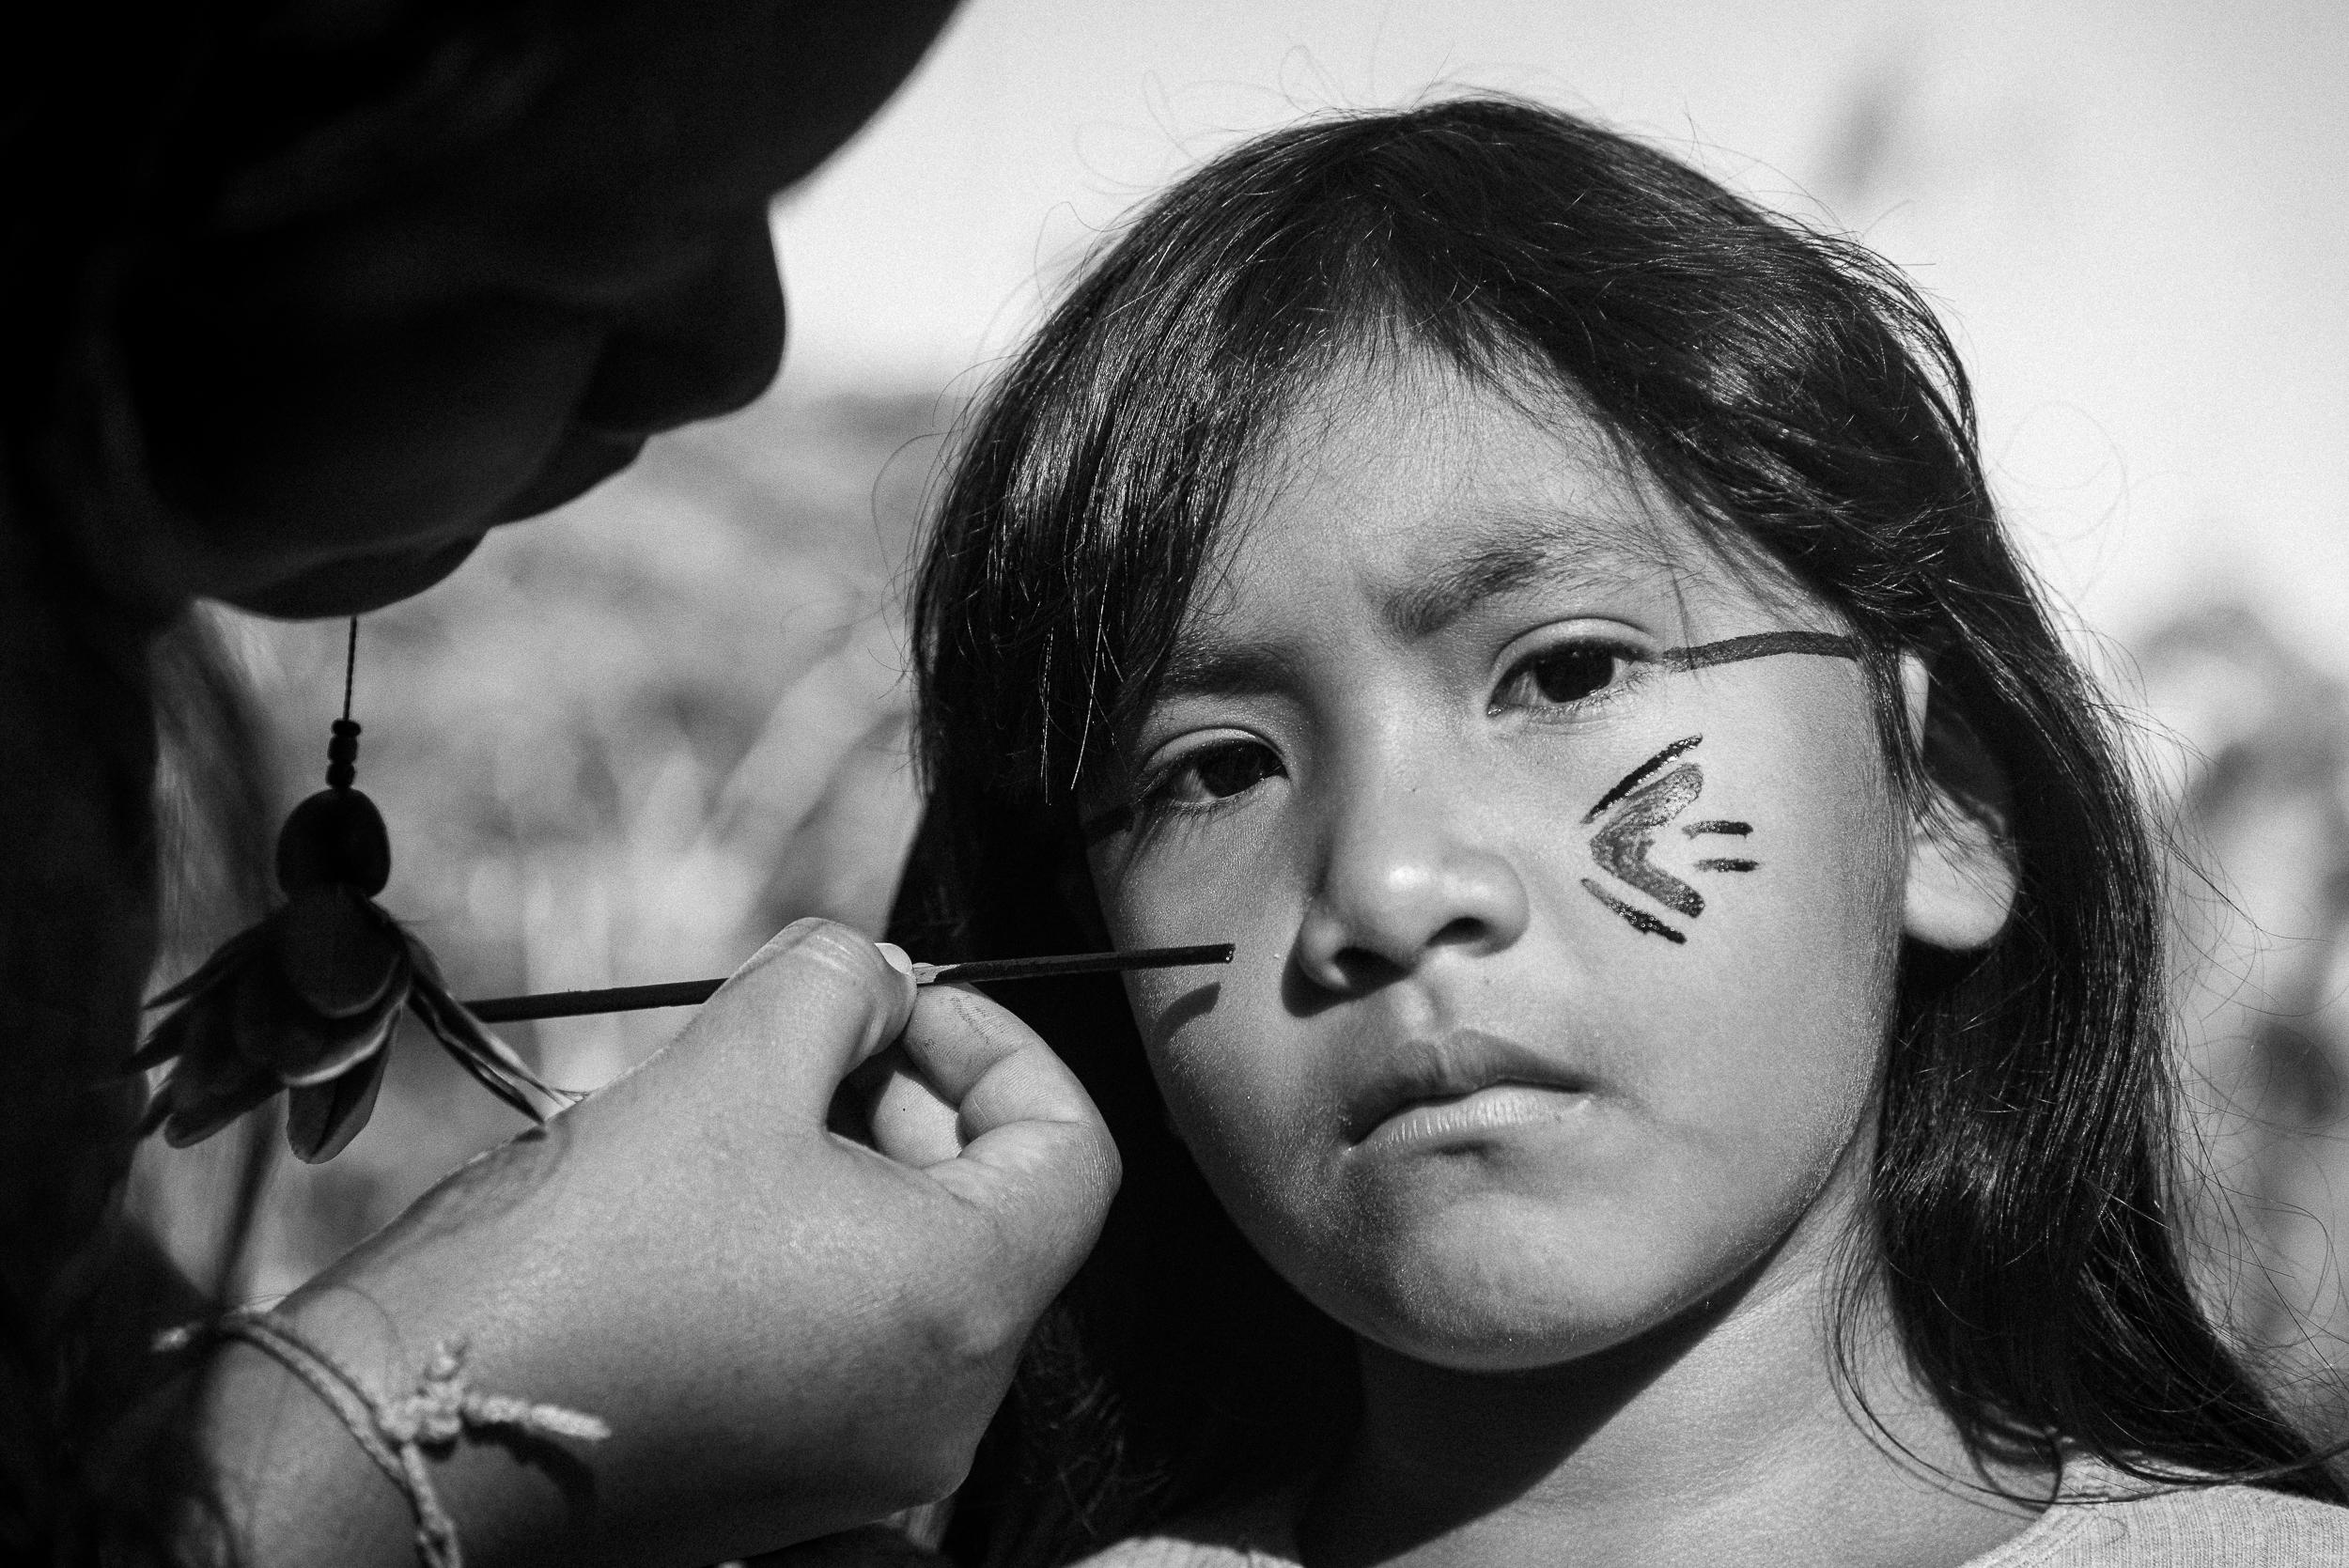 Crianças guarani pintando o rosto